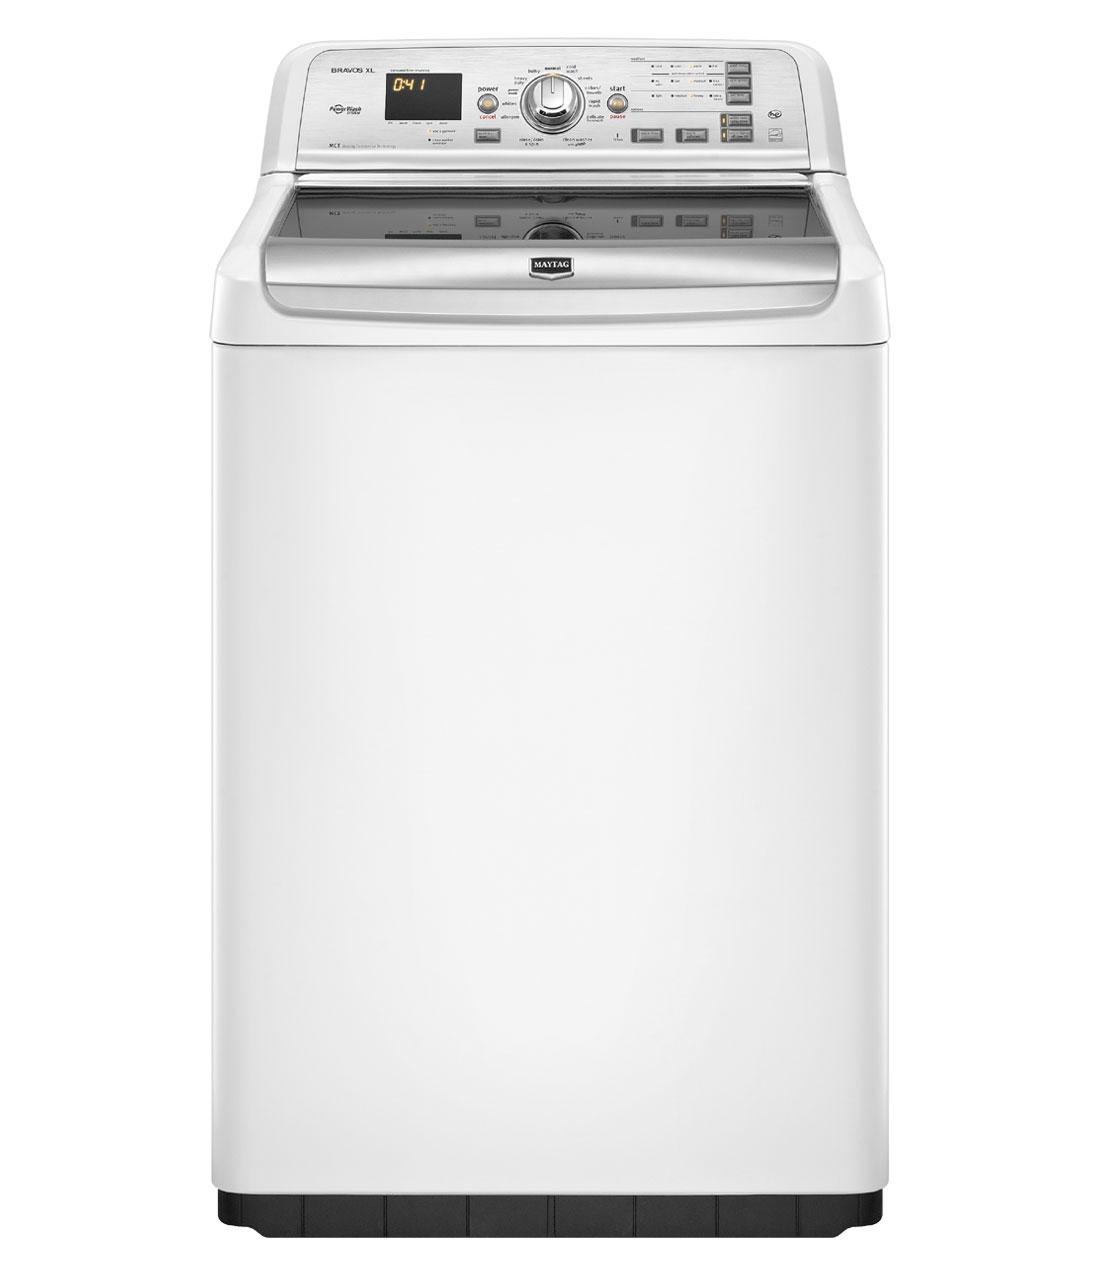 Maytag Bravos XL 4.6 cu. ft. High-Efficiency Top Load Washer in White (Model: MVWB850YW)